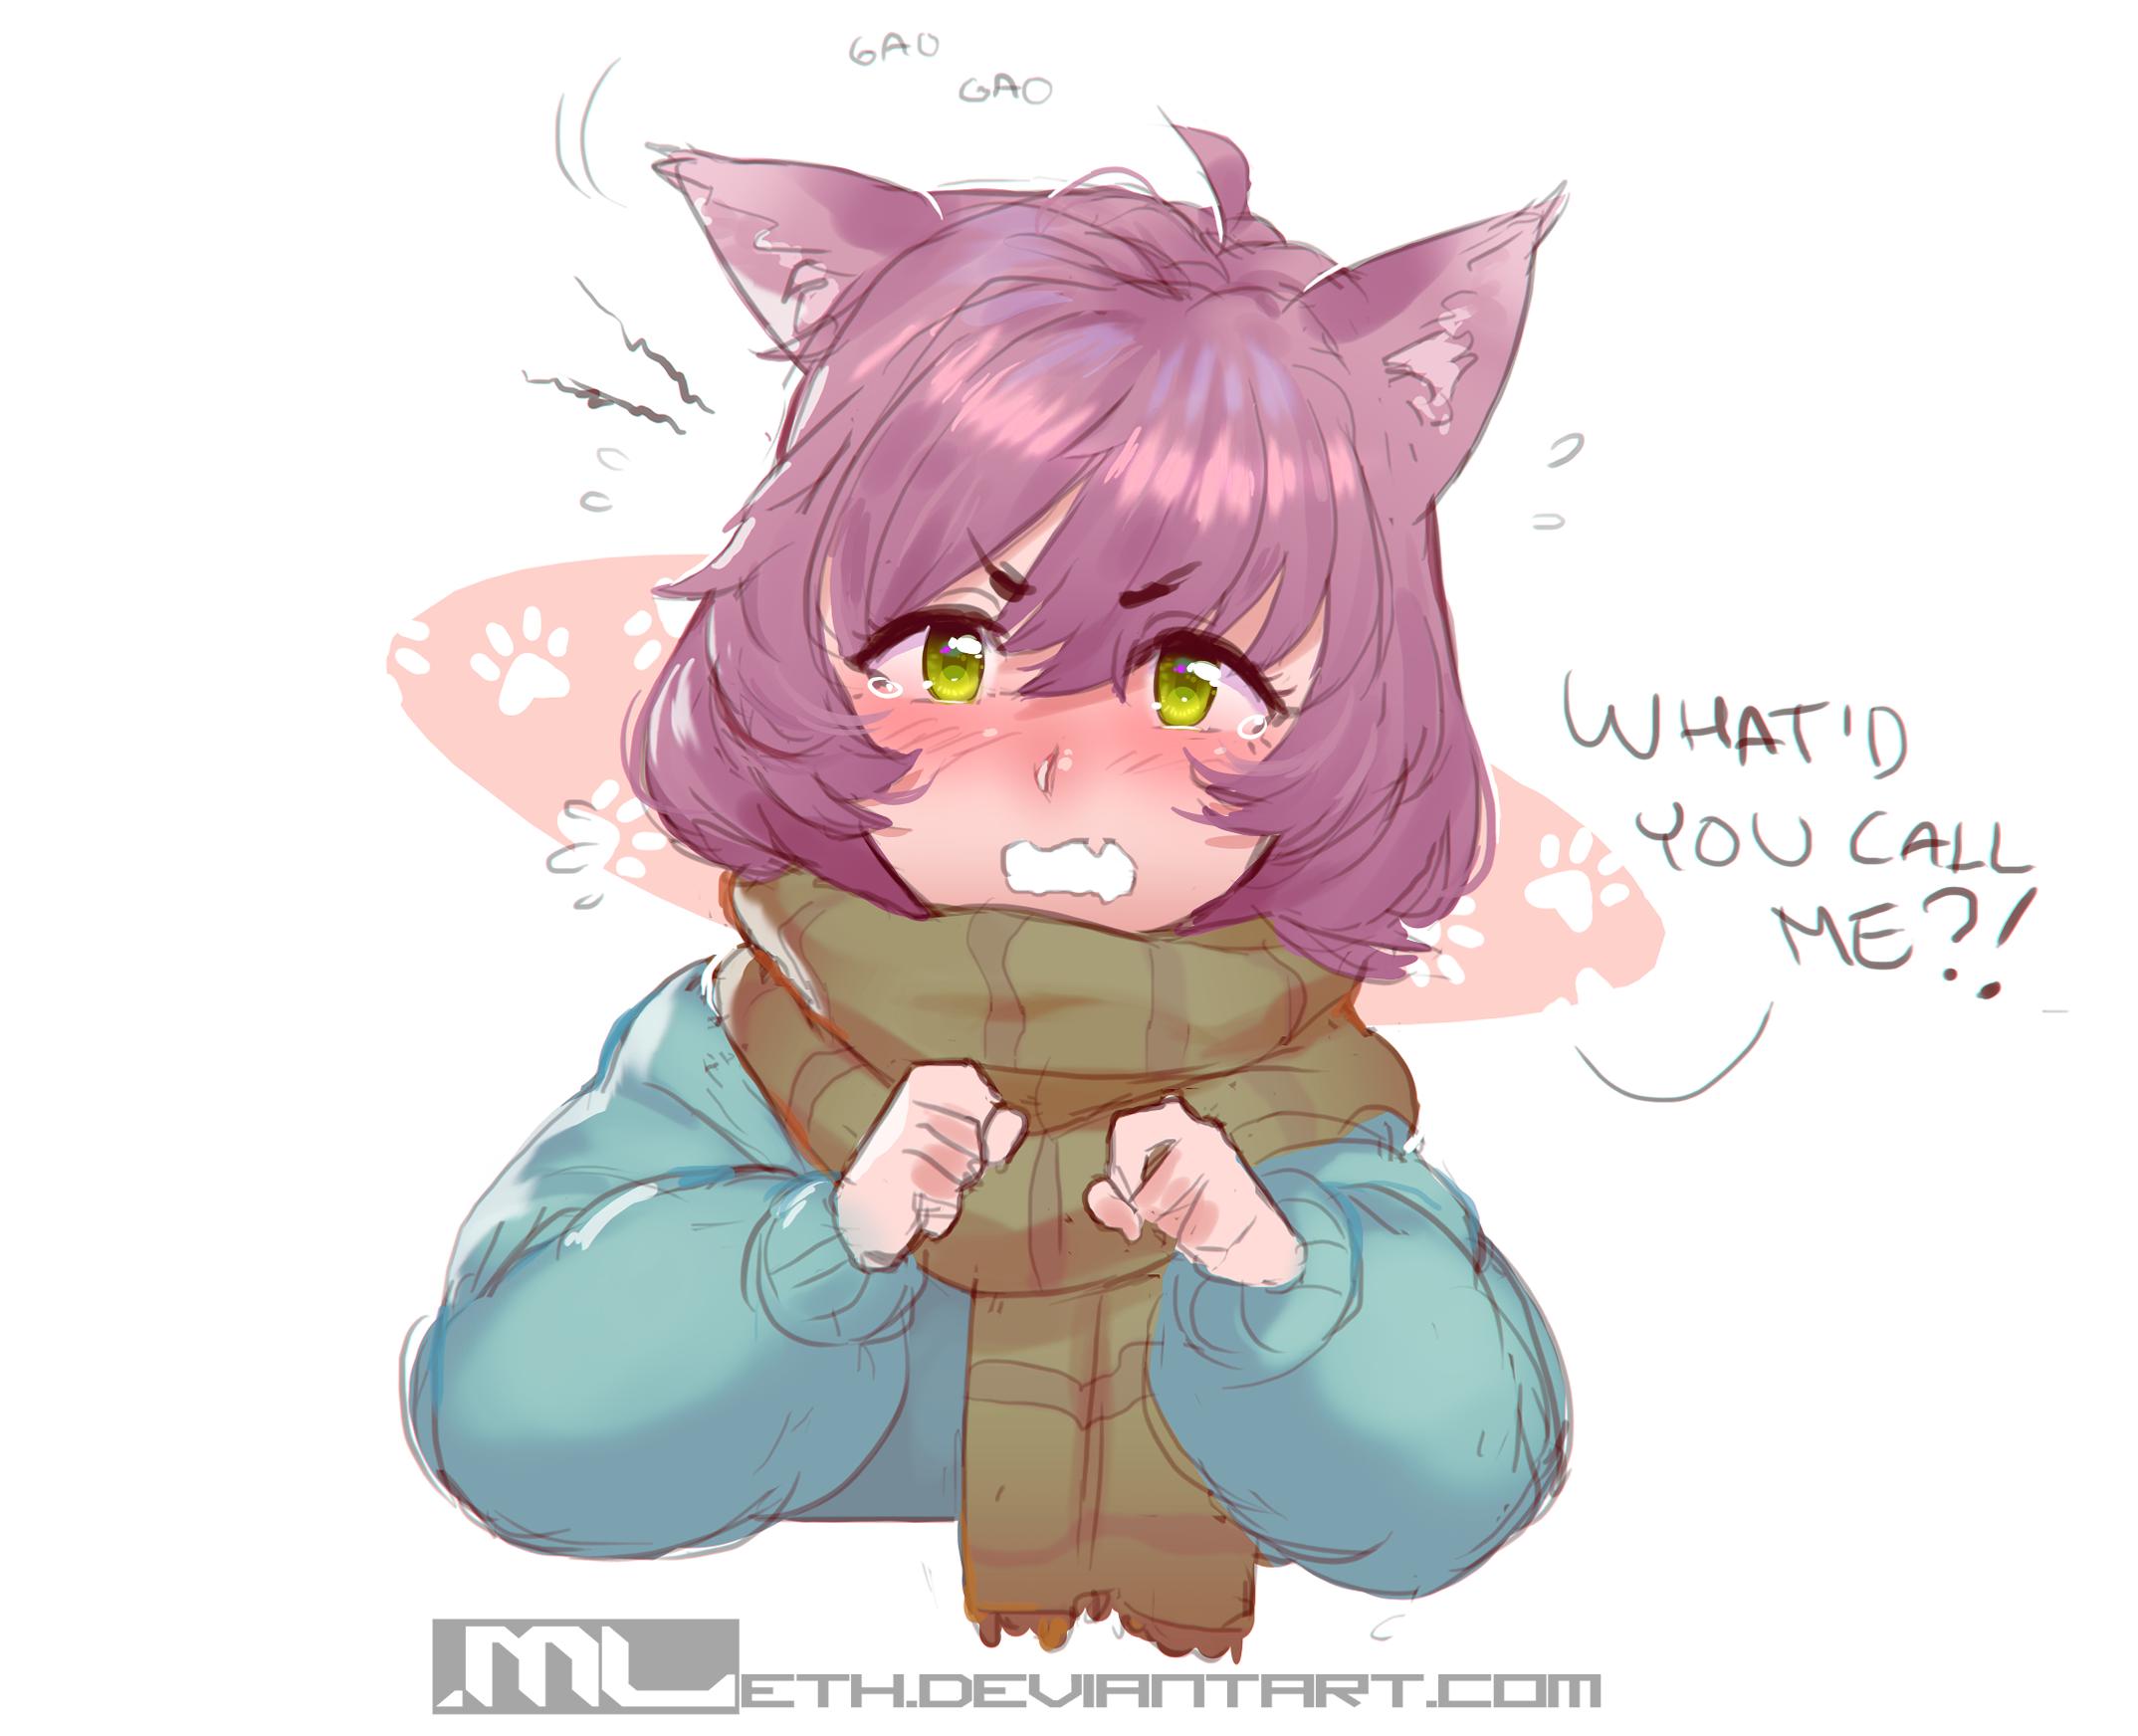 Disgruntled Neko Girl